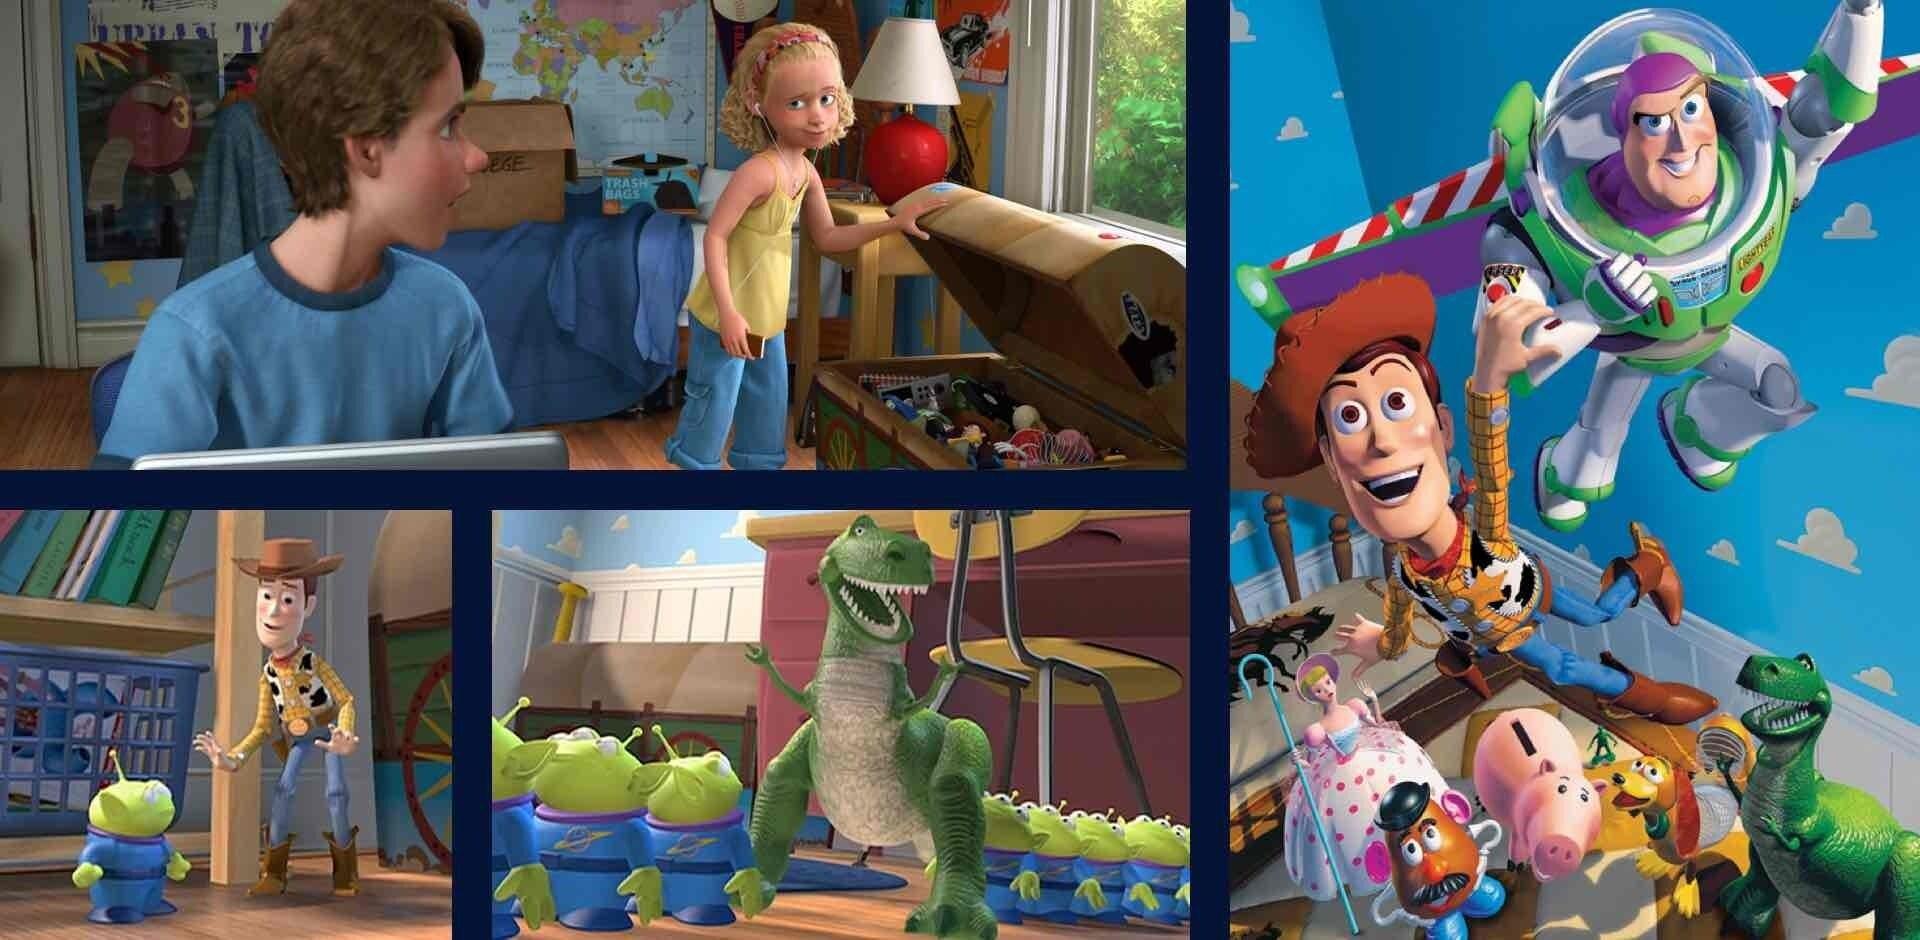 Une image de Toy Story